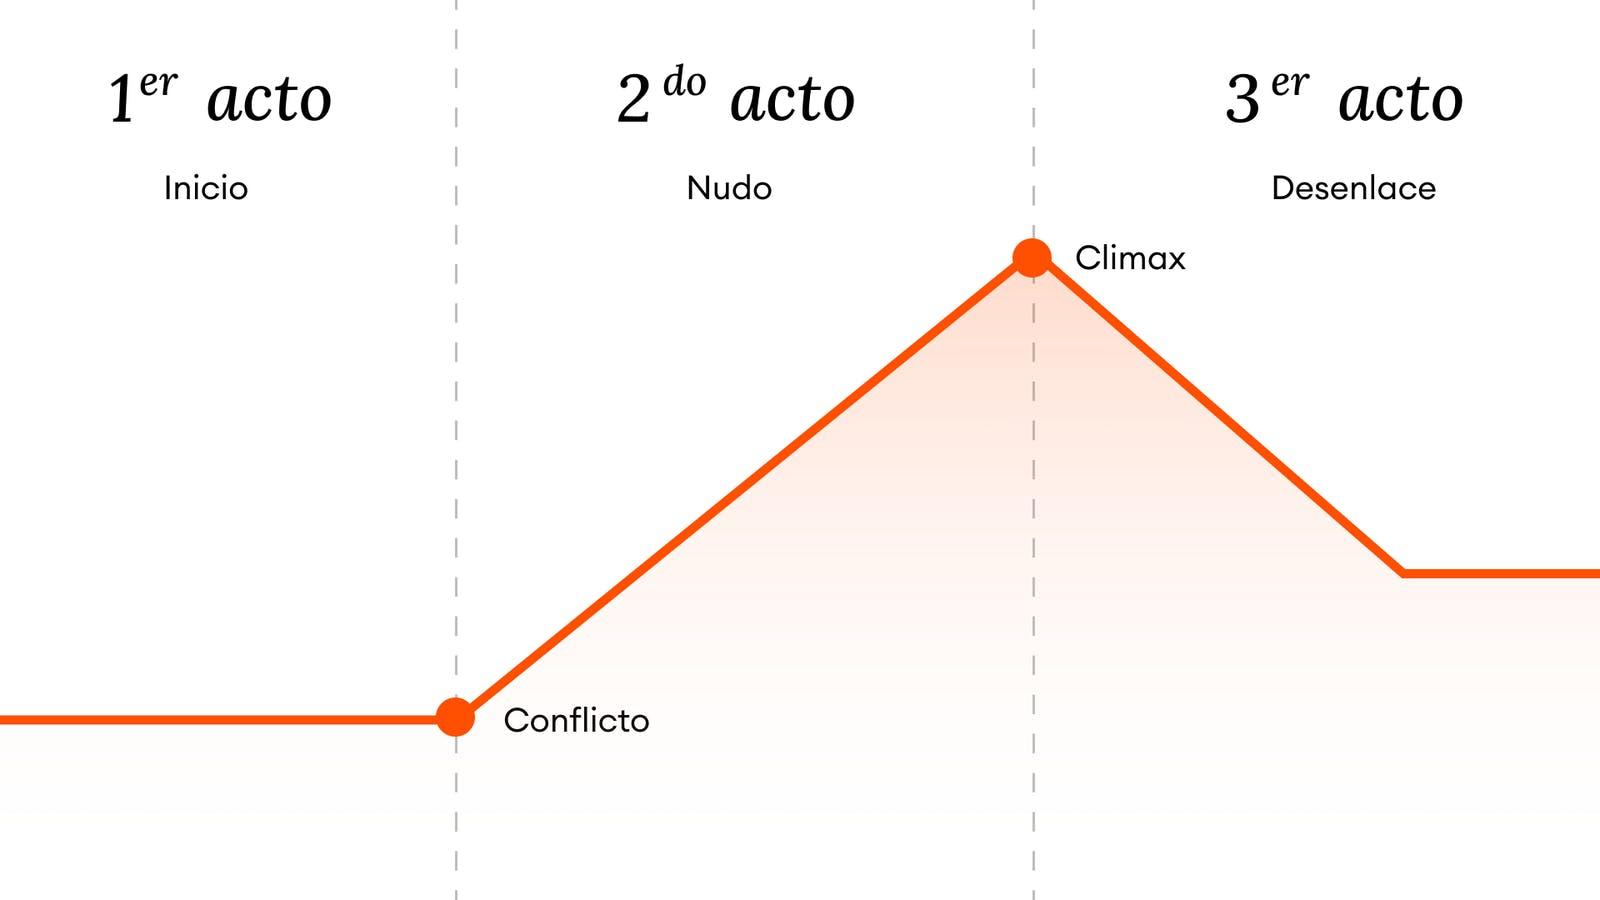 Grafico del inicio, nudo y desenlace de una historia